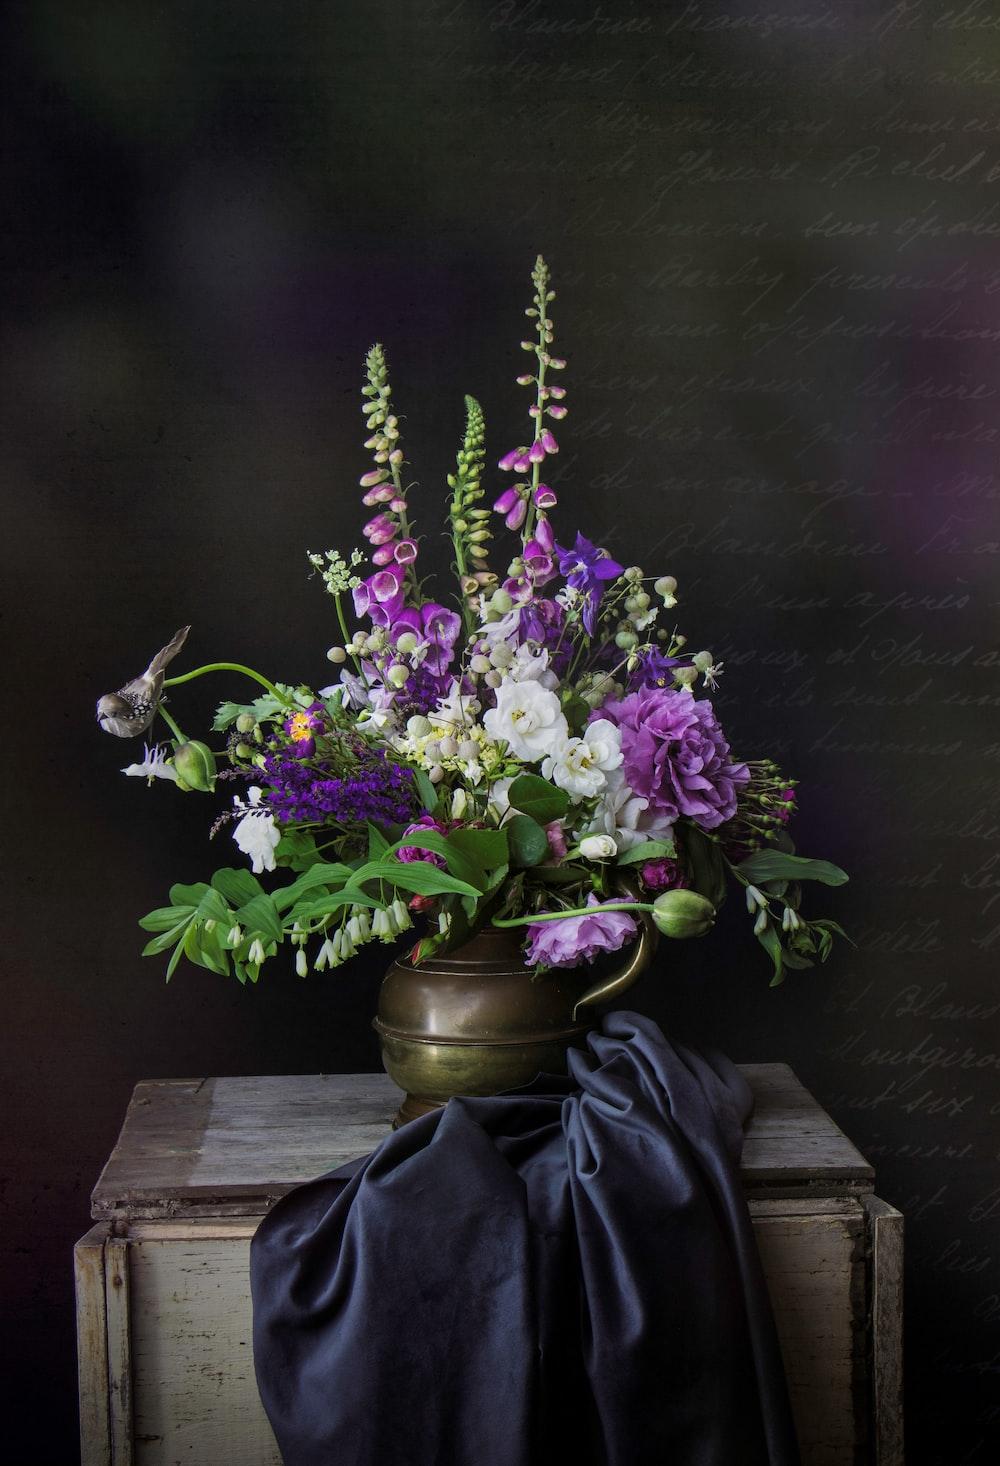 purple flowers in gray vase